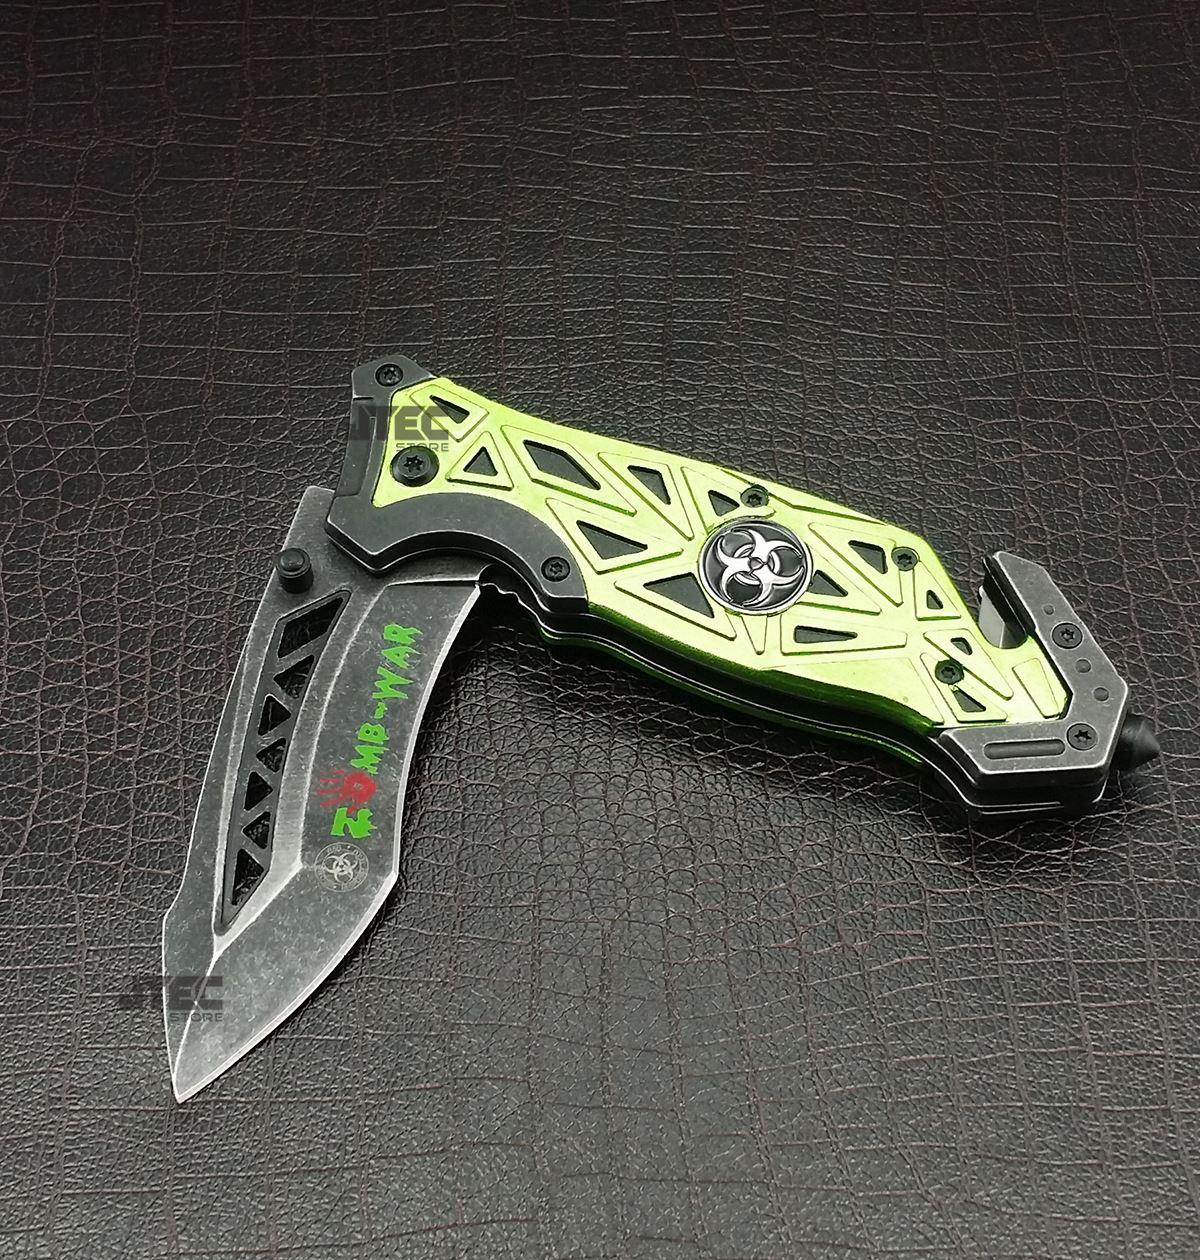 8 Quot Zombie War Spring Assist Pocket Knife Belt Cutter Glass